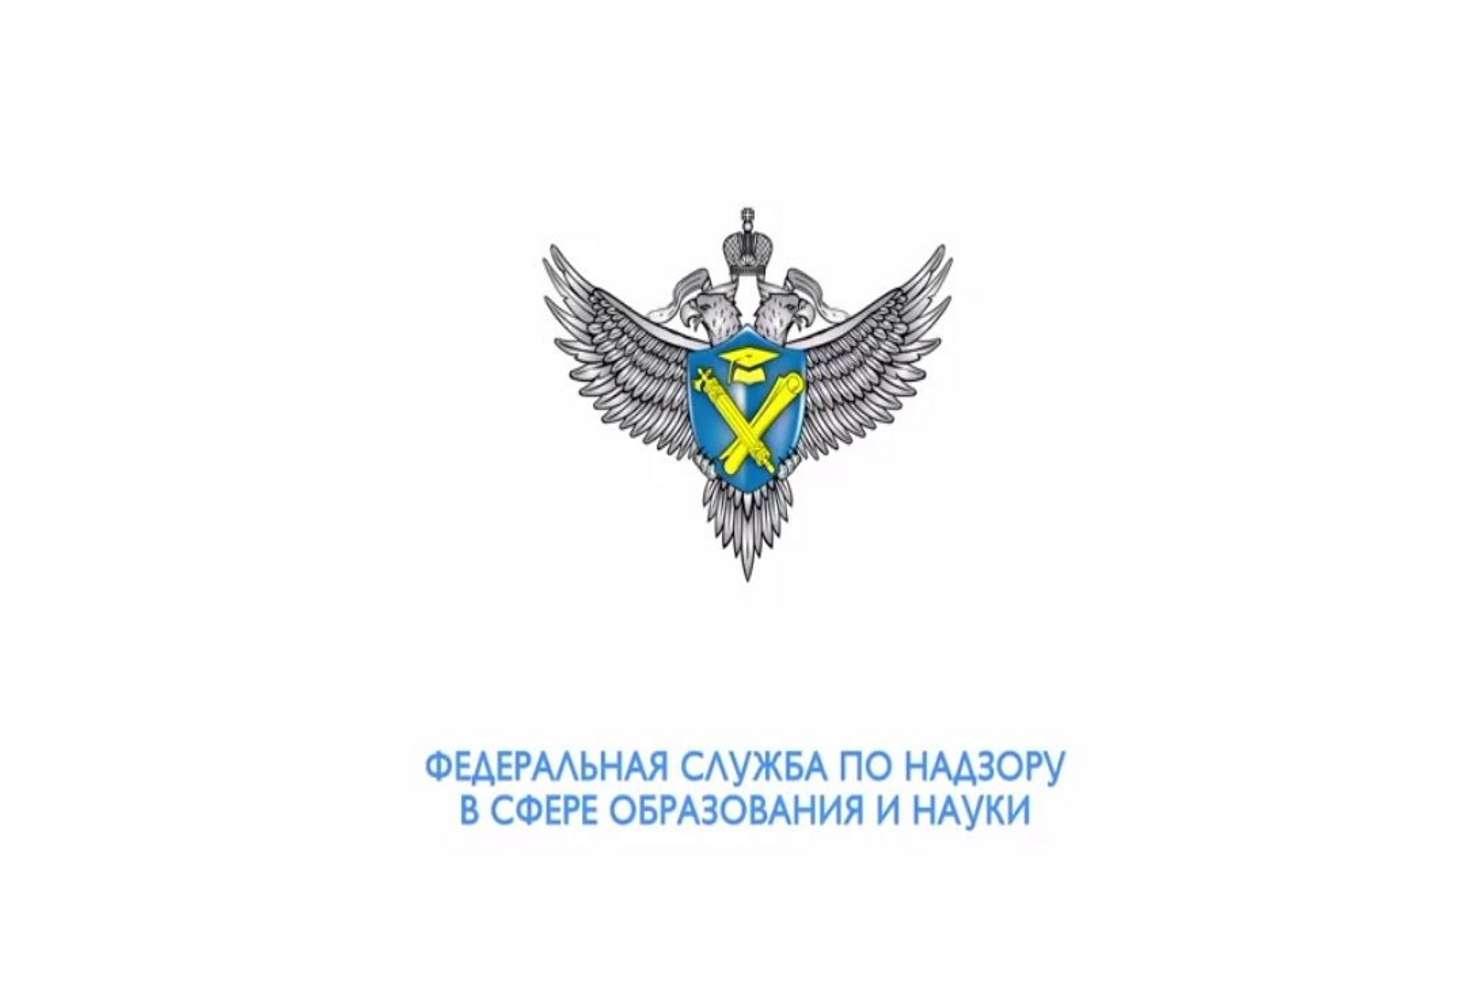 rosobrnadzor-ege-v-distante-nevozmozhen